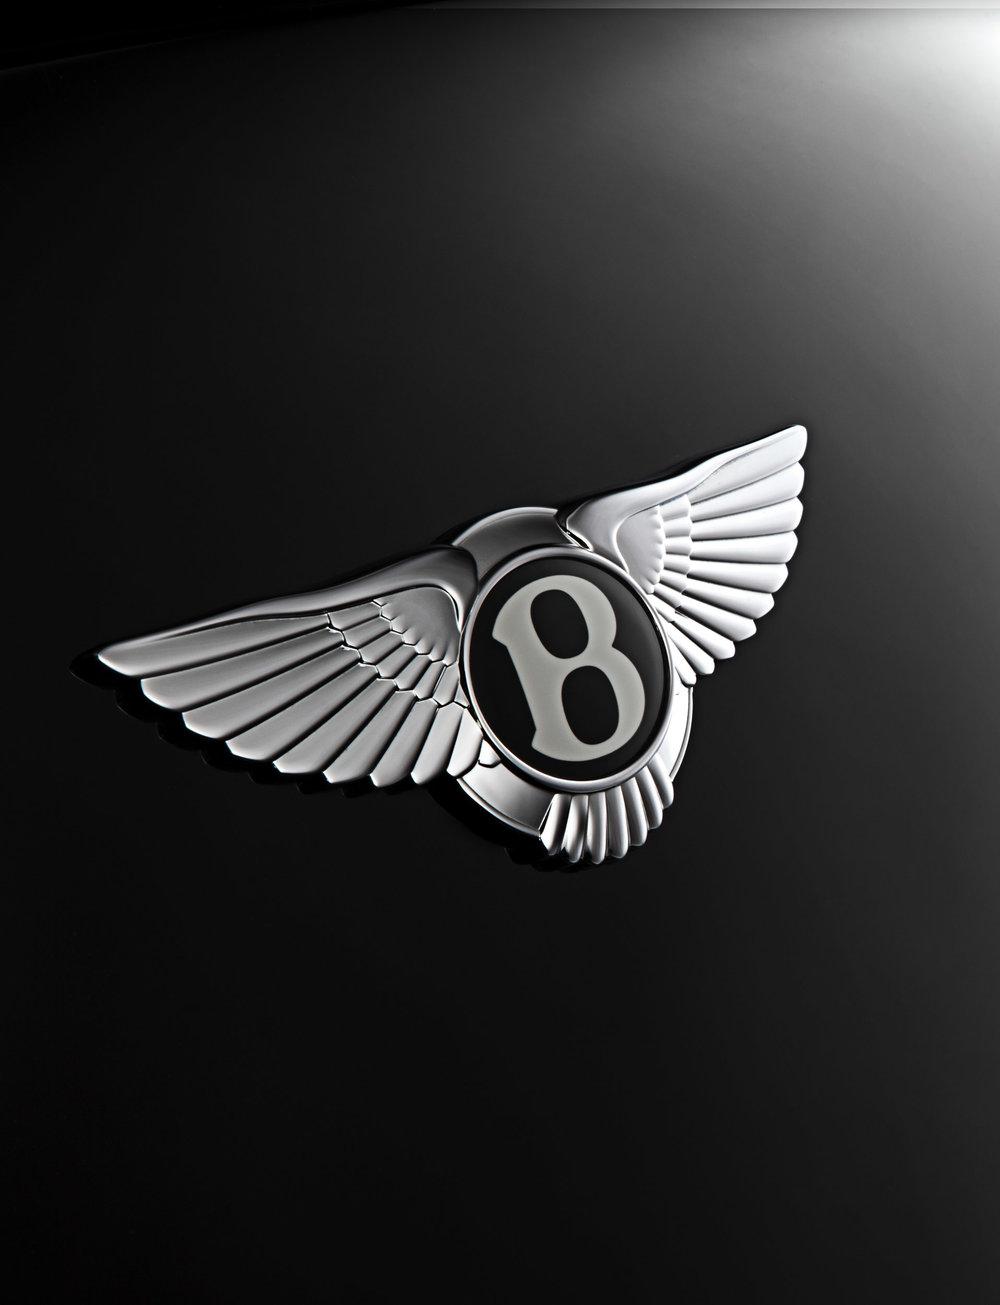 Bentley_badge_2 copy.JPG